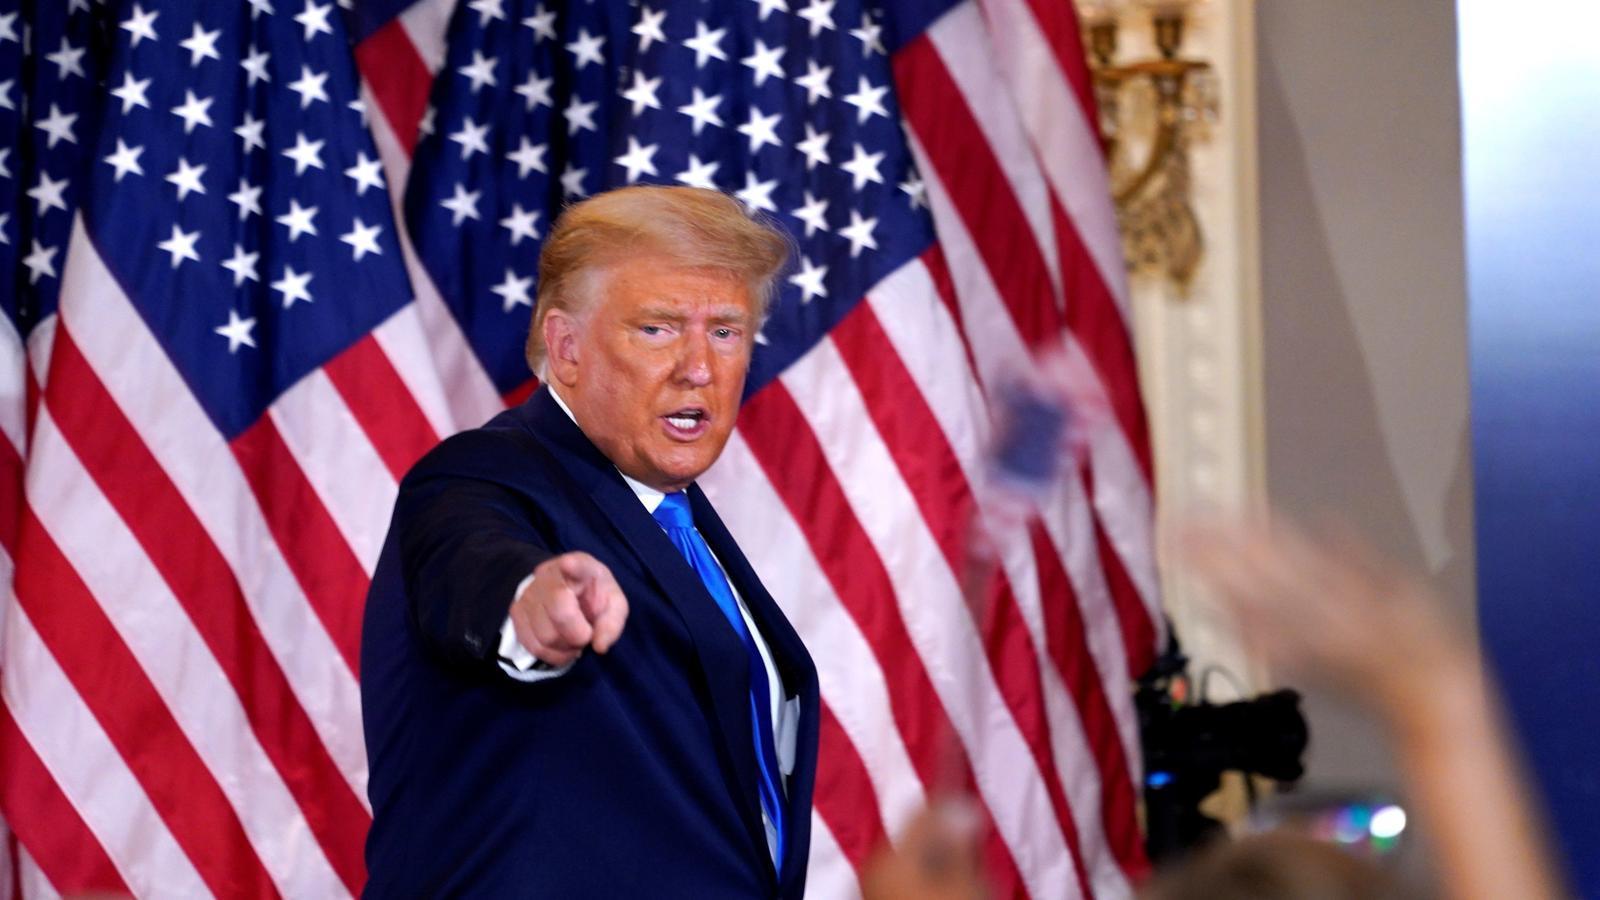 El president dels EEUU, Donald Trump, en un moment de la seva intervenció durant la nit electoral a la Casa Blanca / CHRIS KLEPONIS / POOL